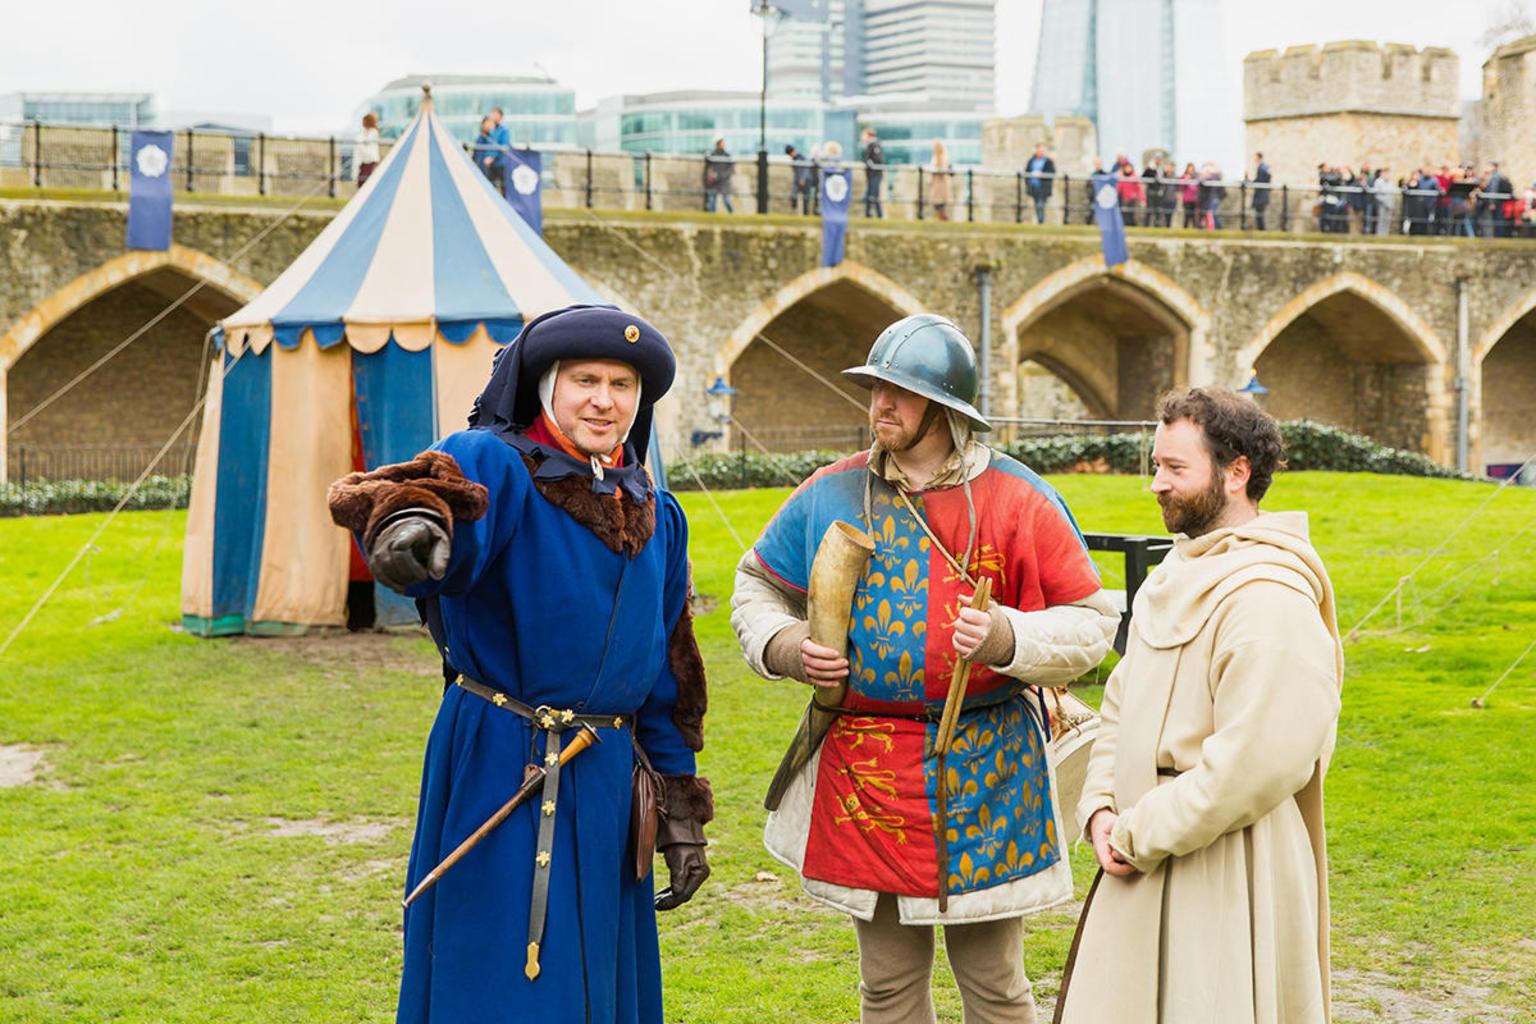 MAIS FOTOS, Excursão turística em um dia de Londres, incluindo a Torre de Londres, a Troca da Guarda com upgrade opcional para a London Eye